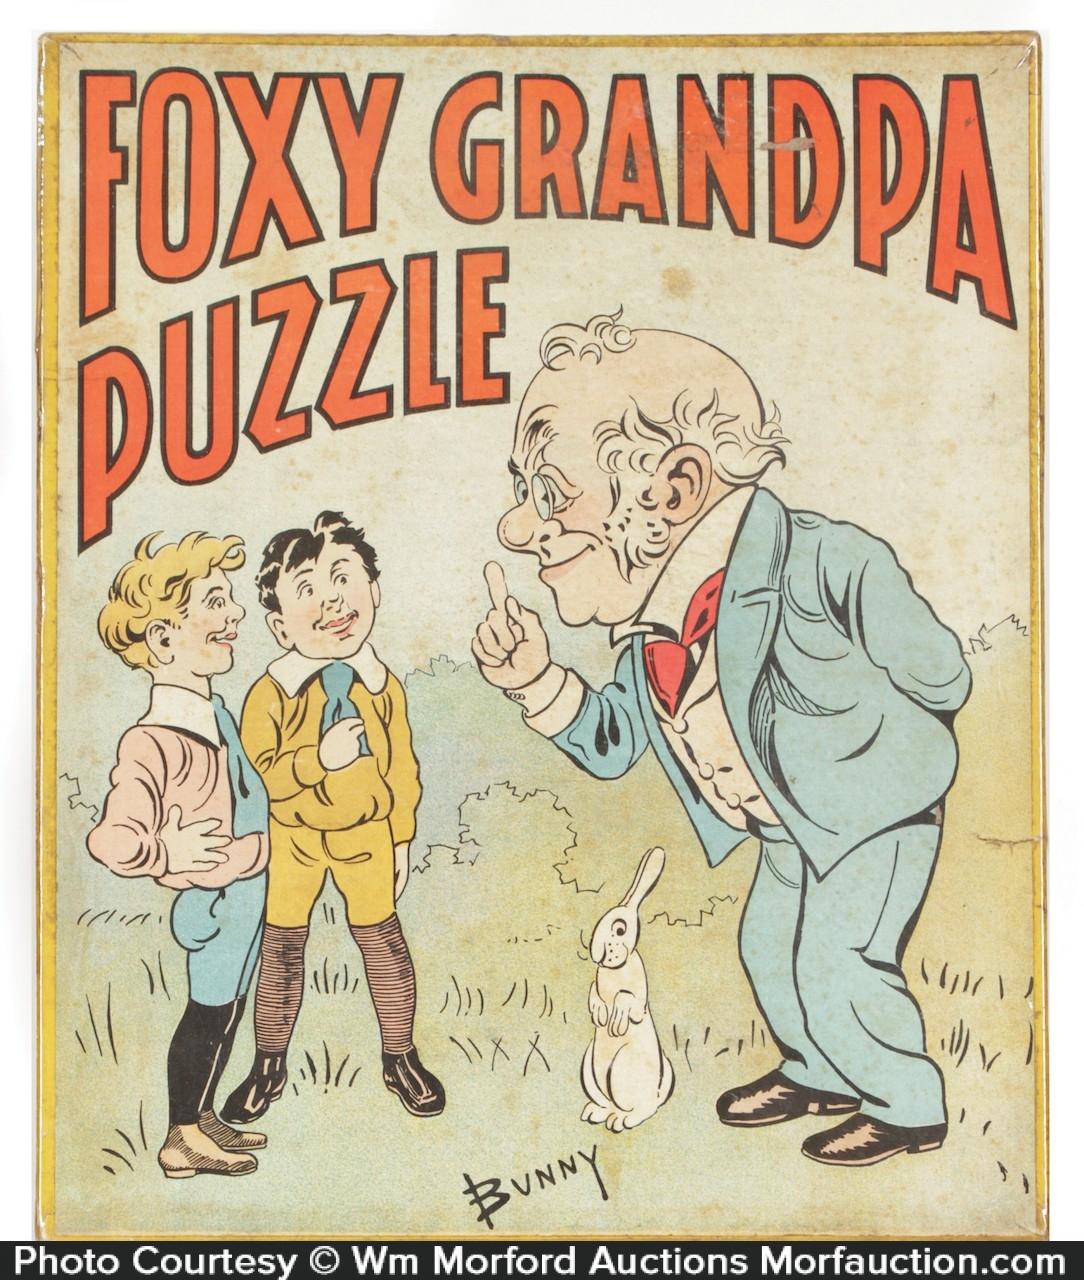 Foxy Grandpa Puzzle